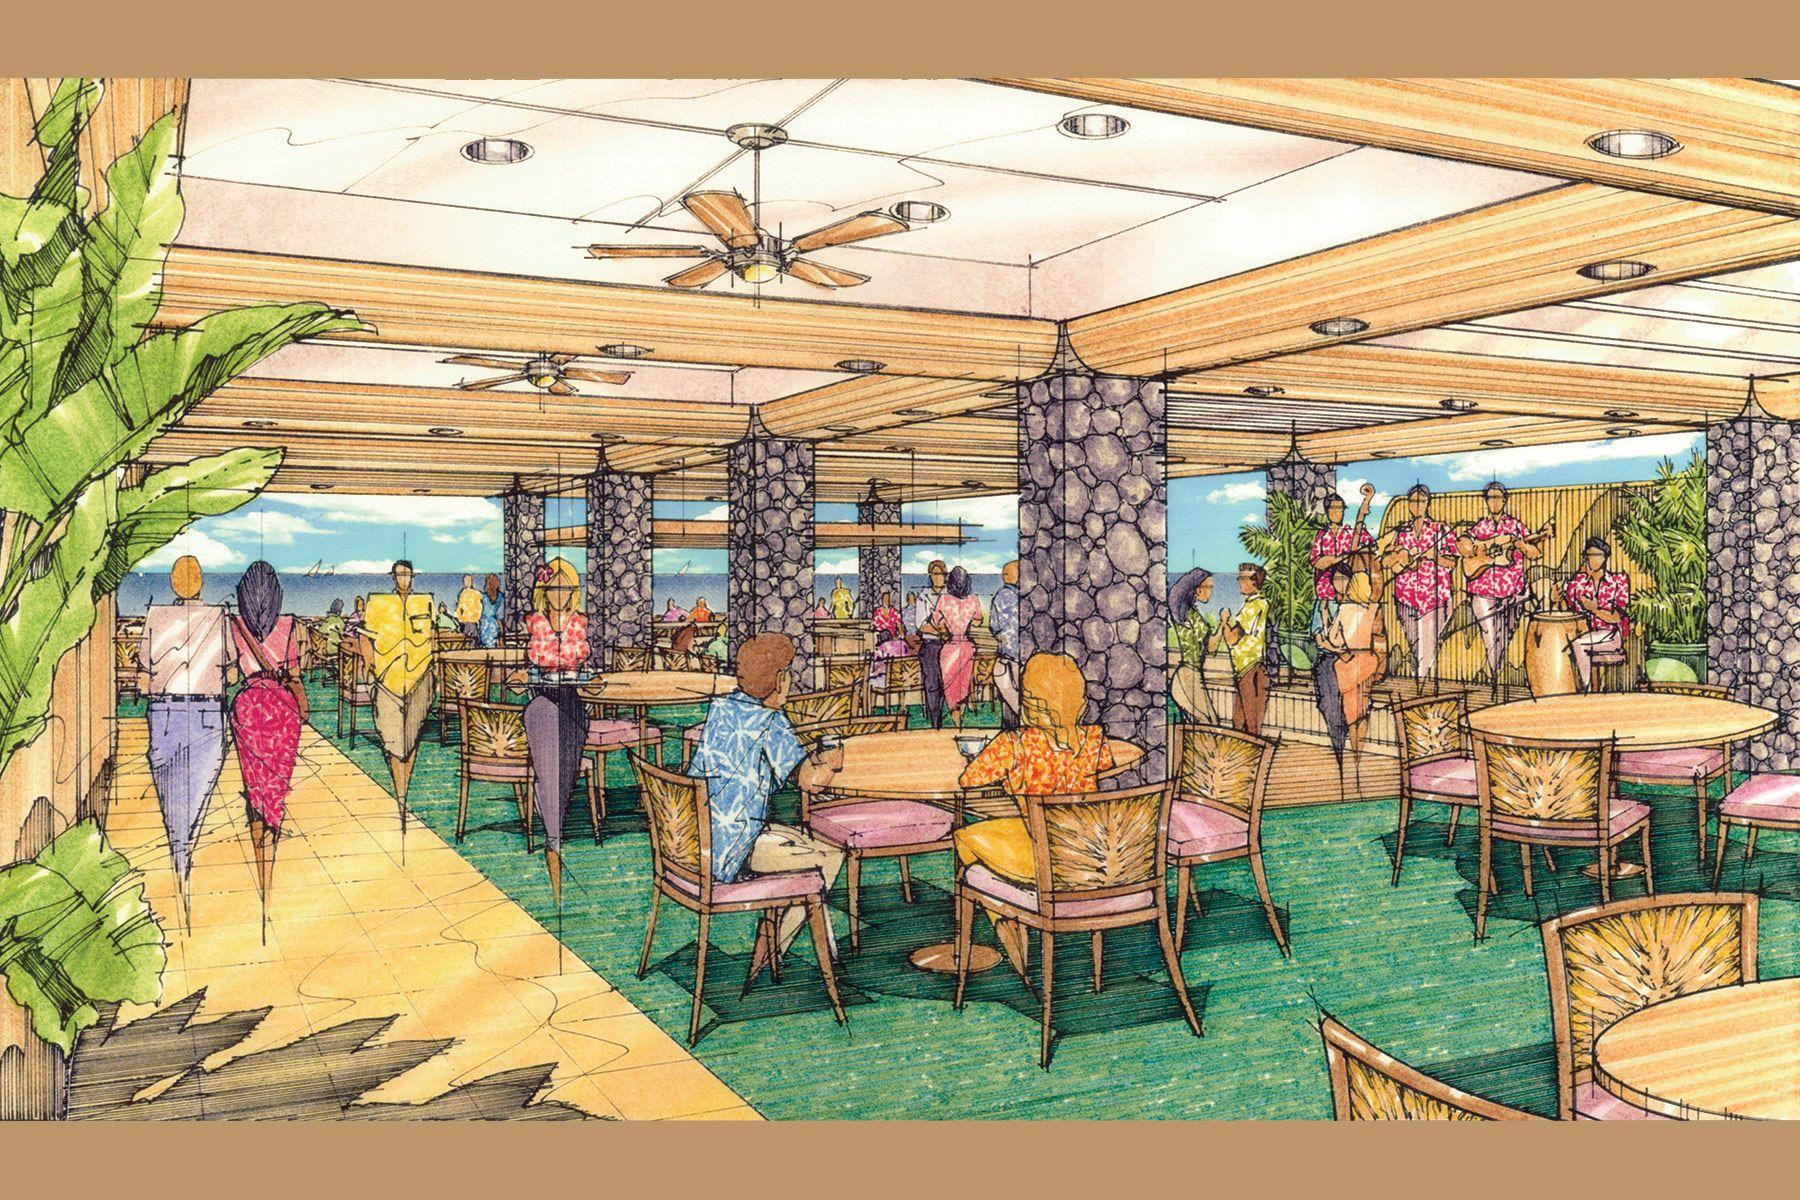 Waikiki Elks Lodge 616